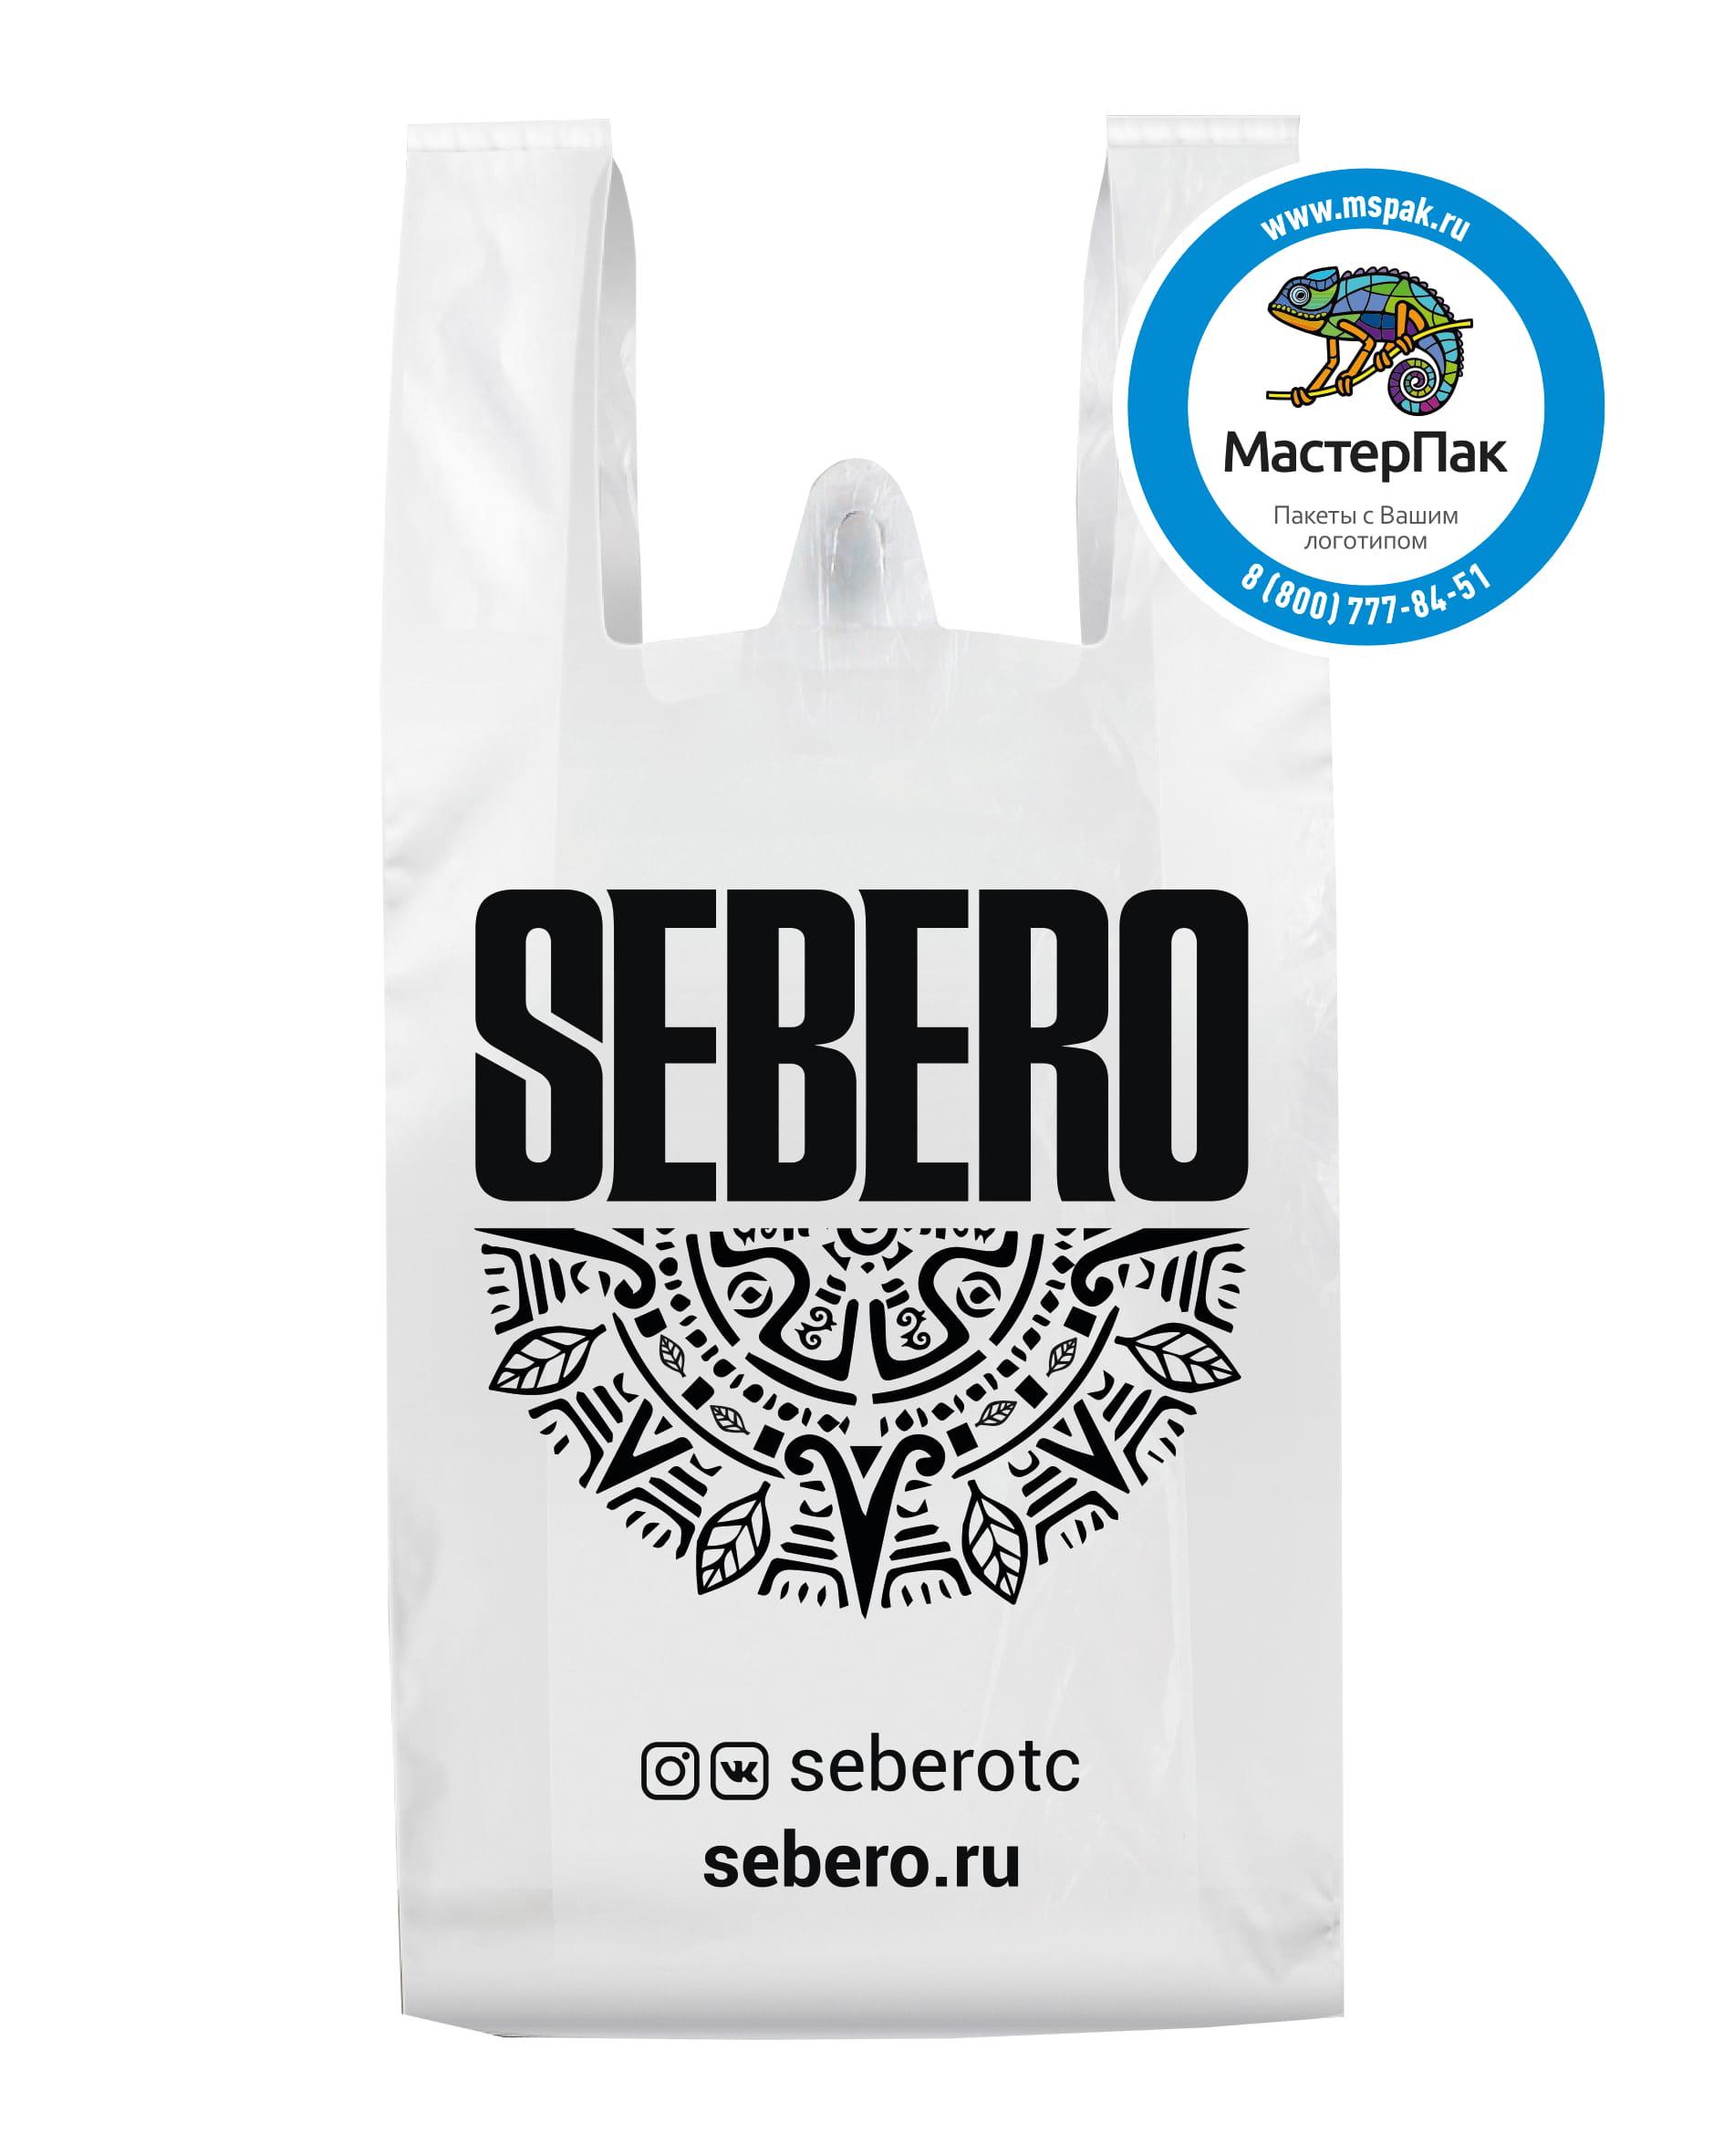 Пакеты майки ПНД, 23 мкм, с логотипом в один цвет с петелькой и тиснением для поставщика табака «Sebero»